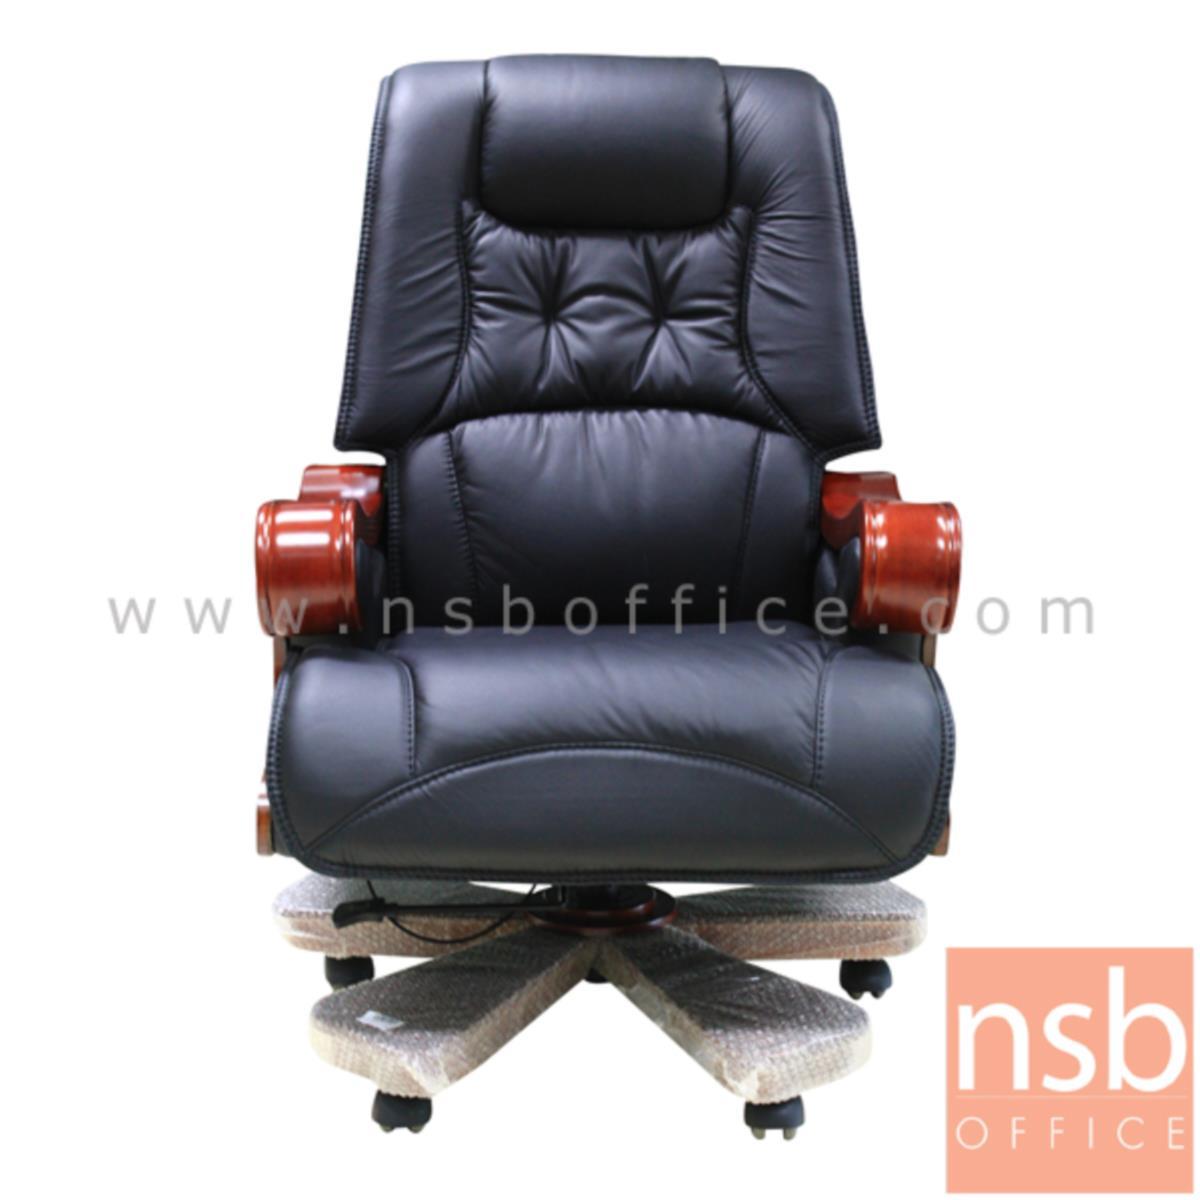 เก้าอี้ผู้บริหารหนังแท้ รุ่น A01  ขาไม้